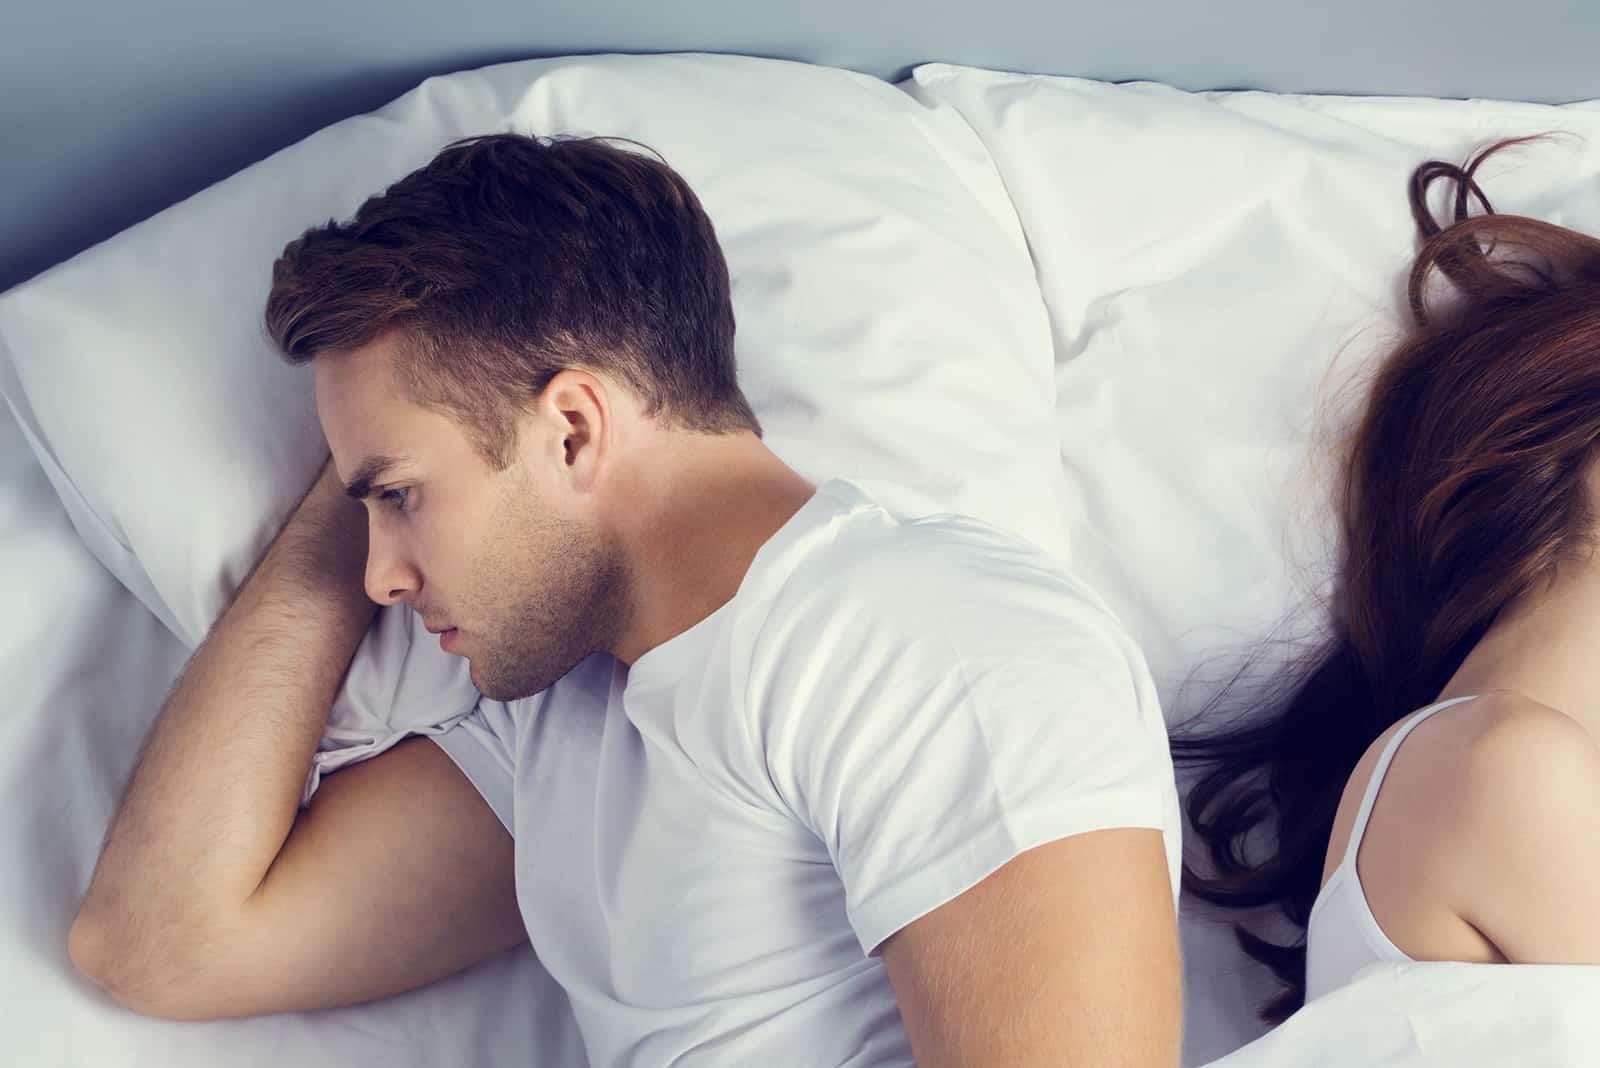 ein unglücklicher Mann, der neben seiner Freundin im Bett liegt